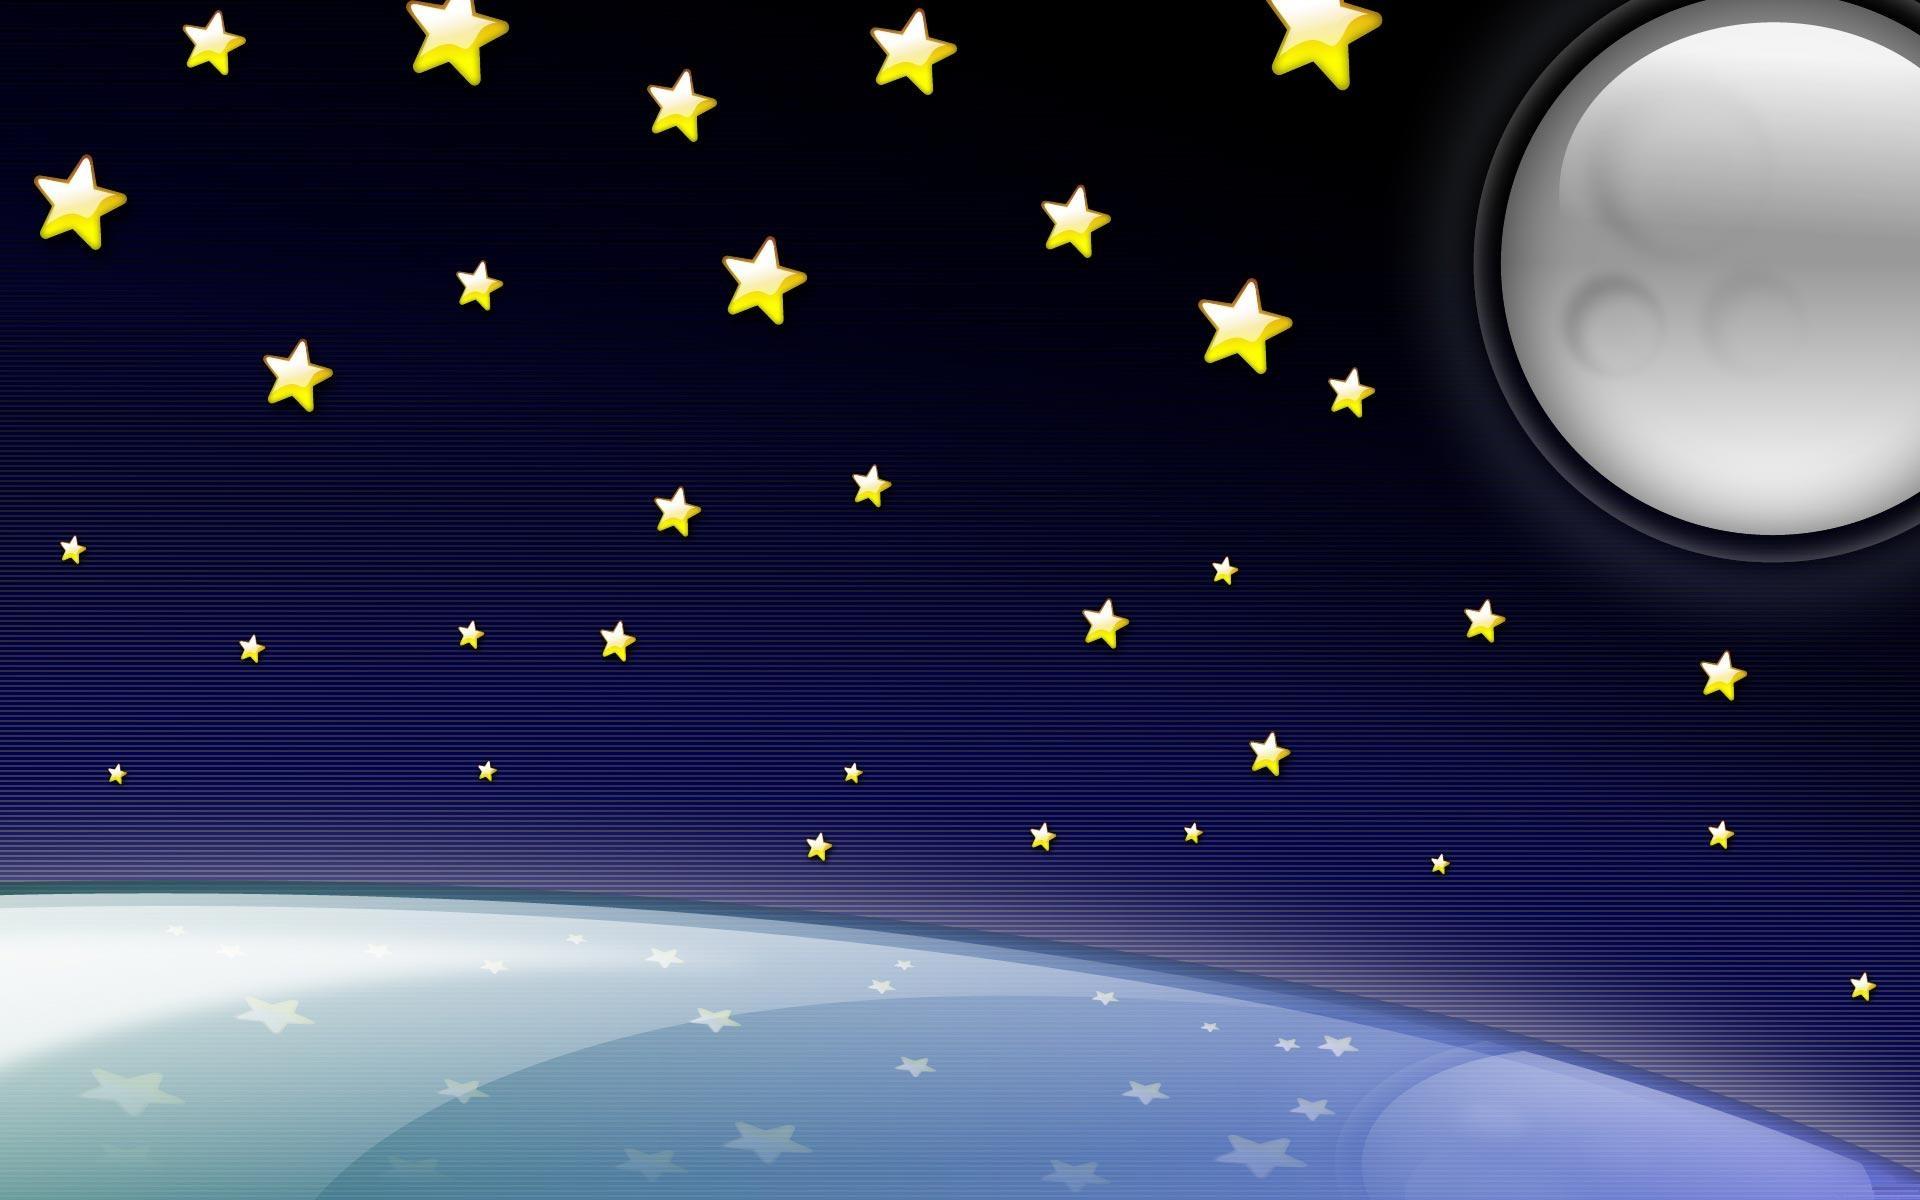 рисунки звездное небо любители тихой